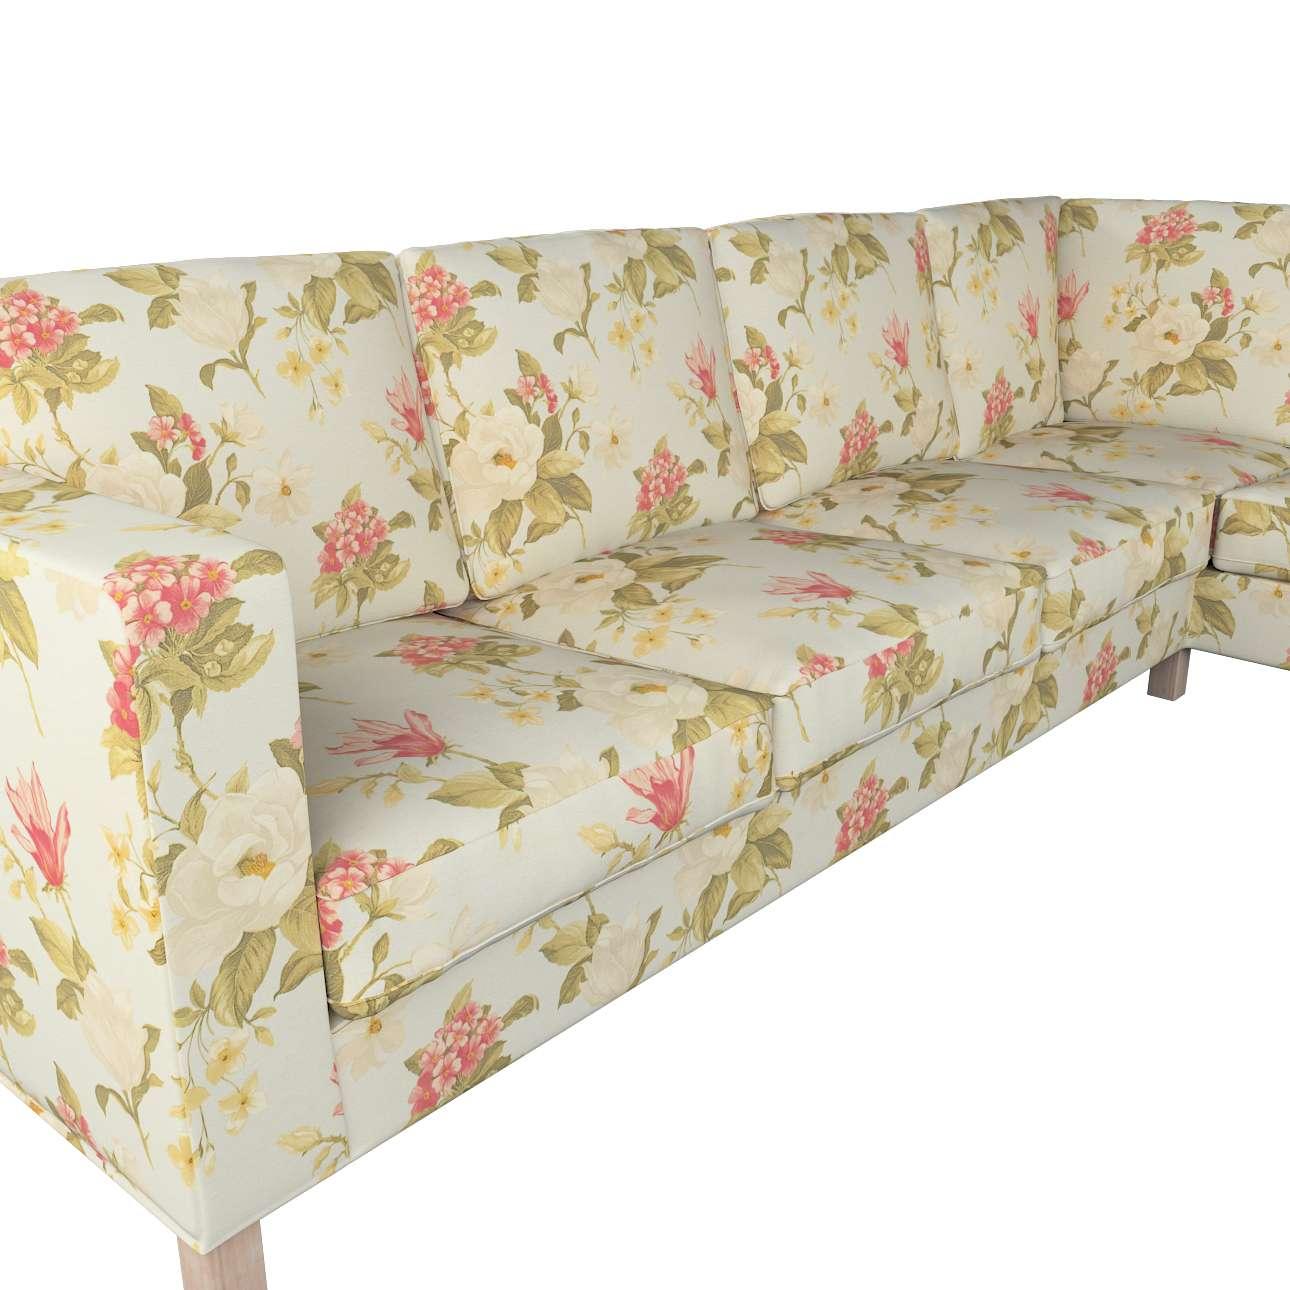 Pokrowiec na sofę narożną lewostronną Karlanda w kolekcji Londres, tkanina: 123-65